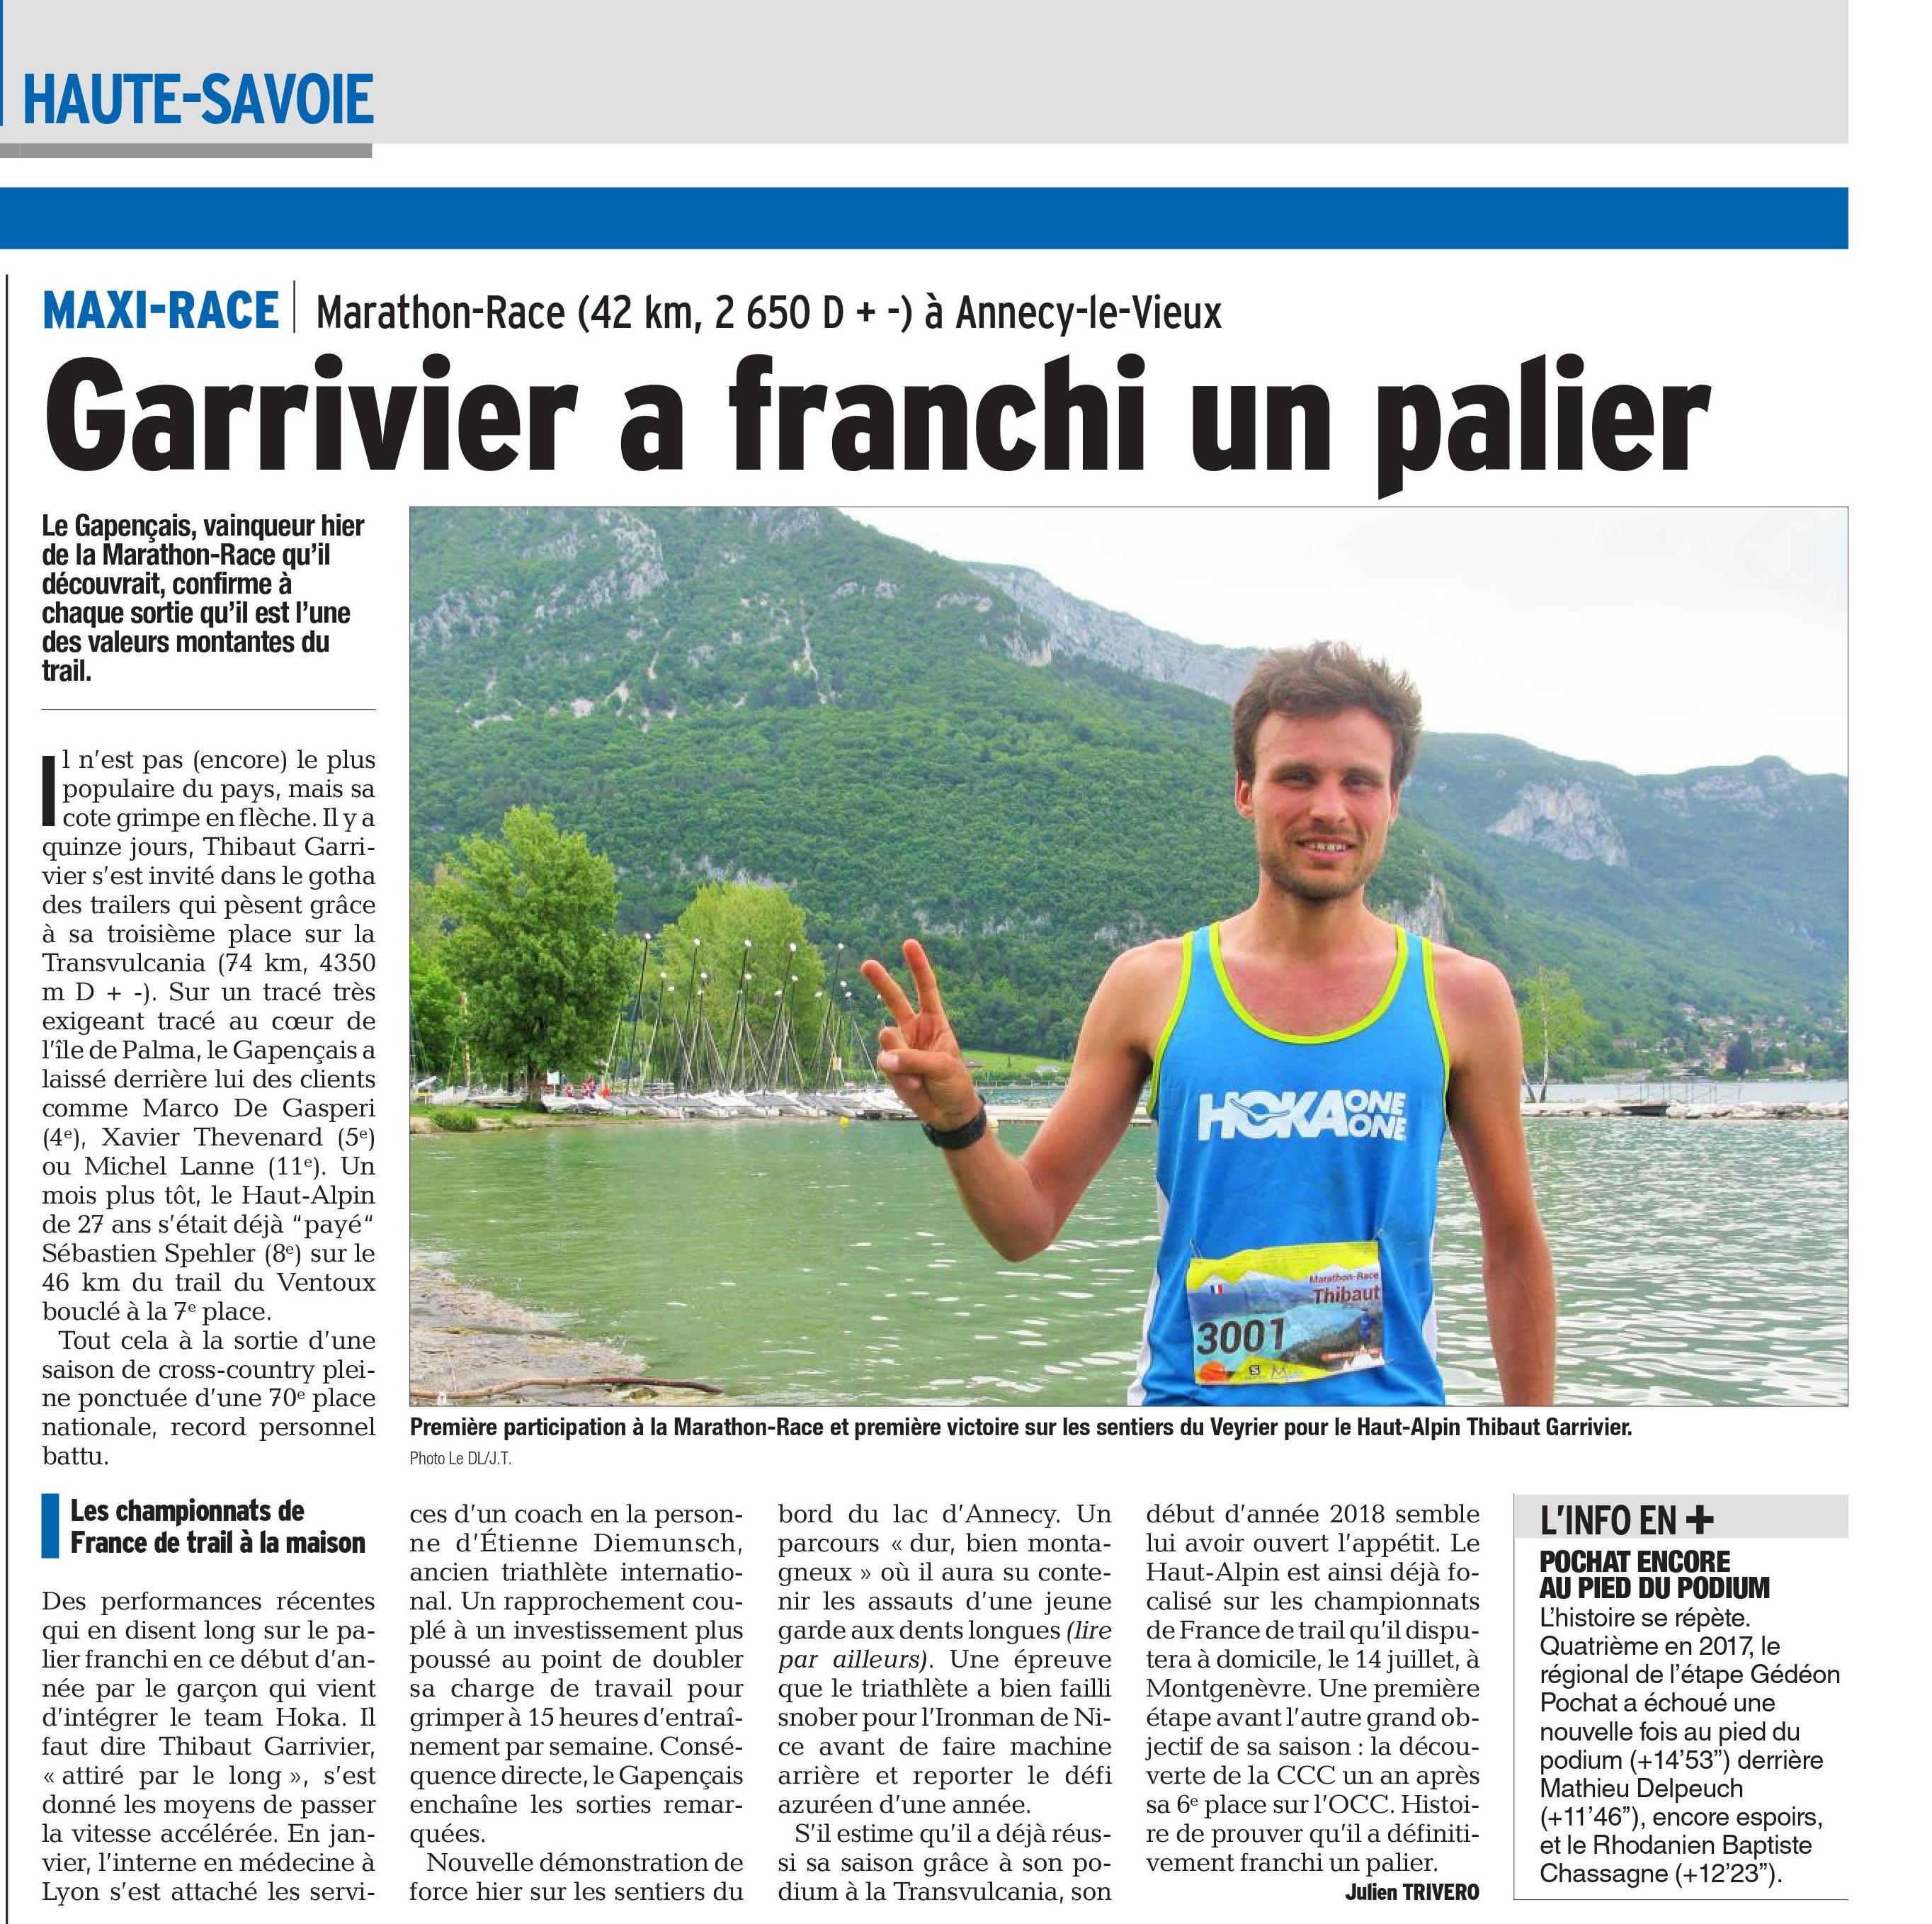 garrivier - RESULTATS (et articles du Dauphiné Libéré) DE LA MAXI RACE 26/27-2018 (ANNECY 74)